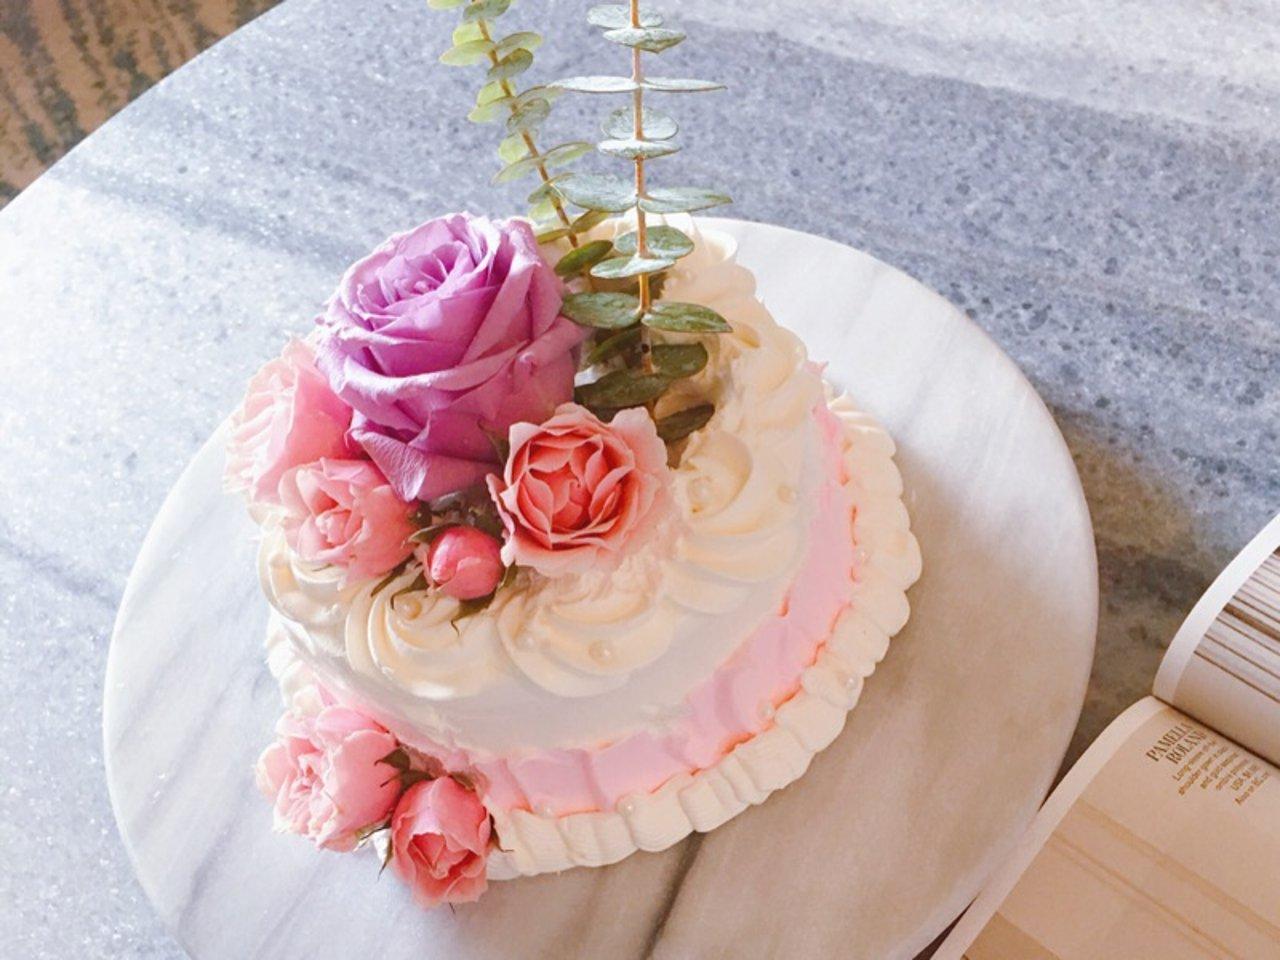 颜值即美味|网红Ins风花艺蛋糕